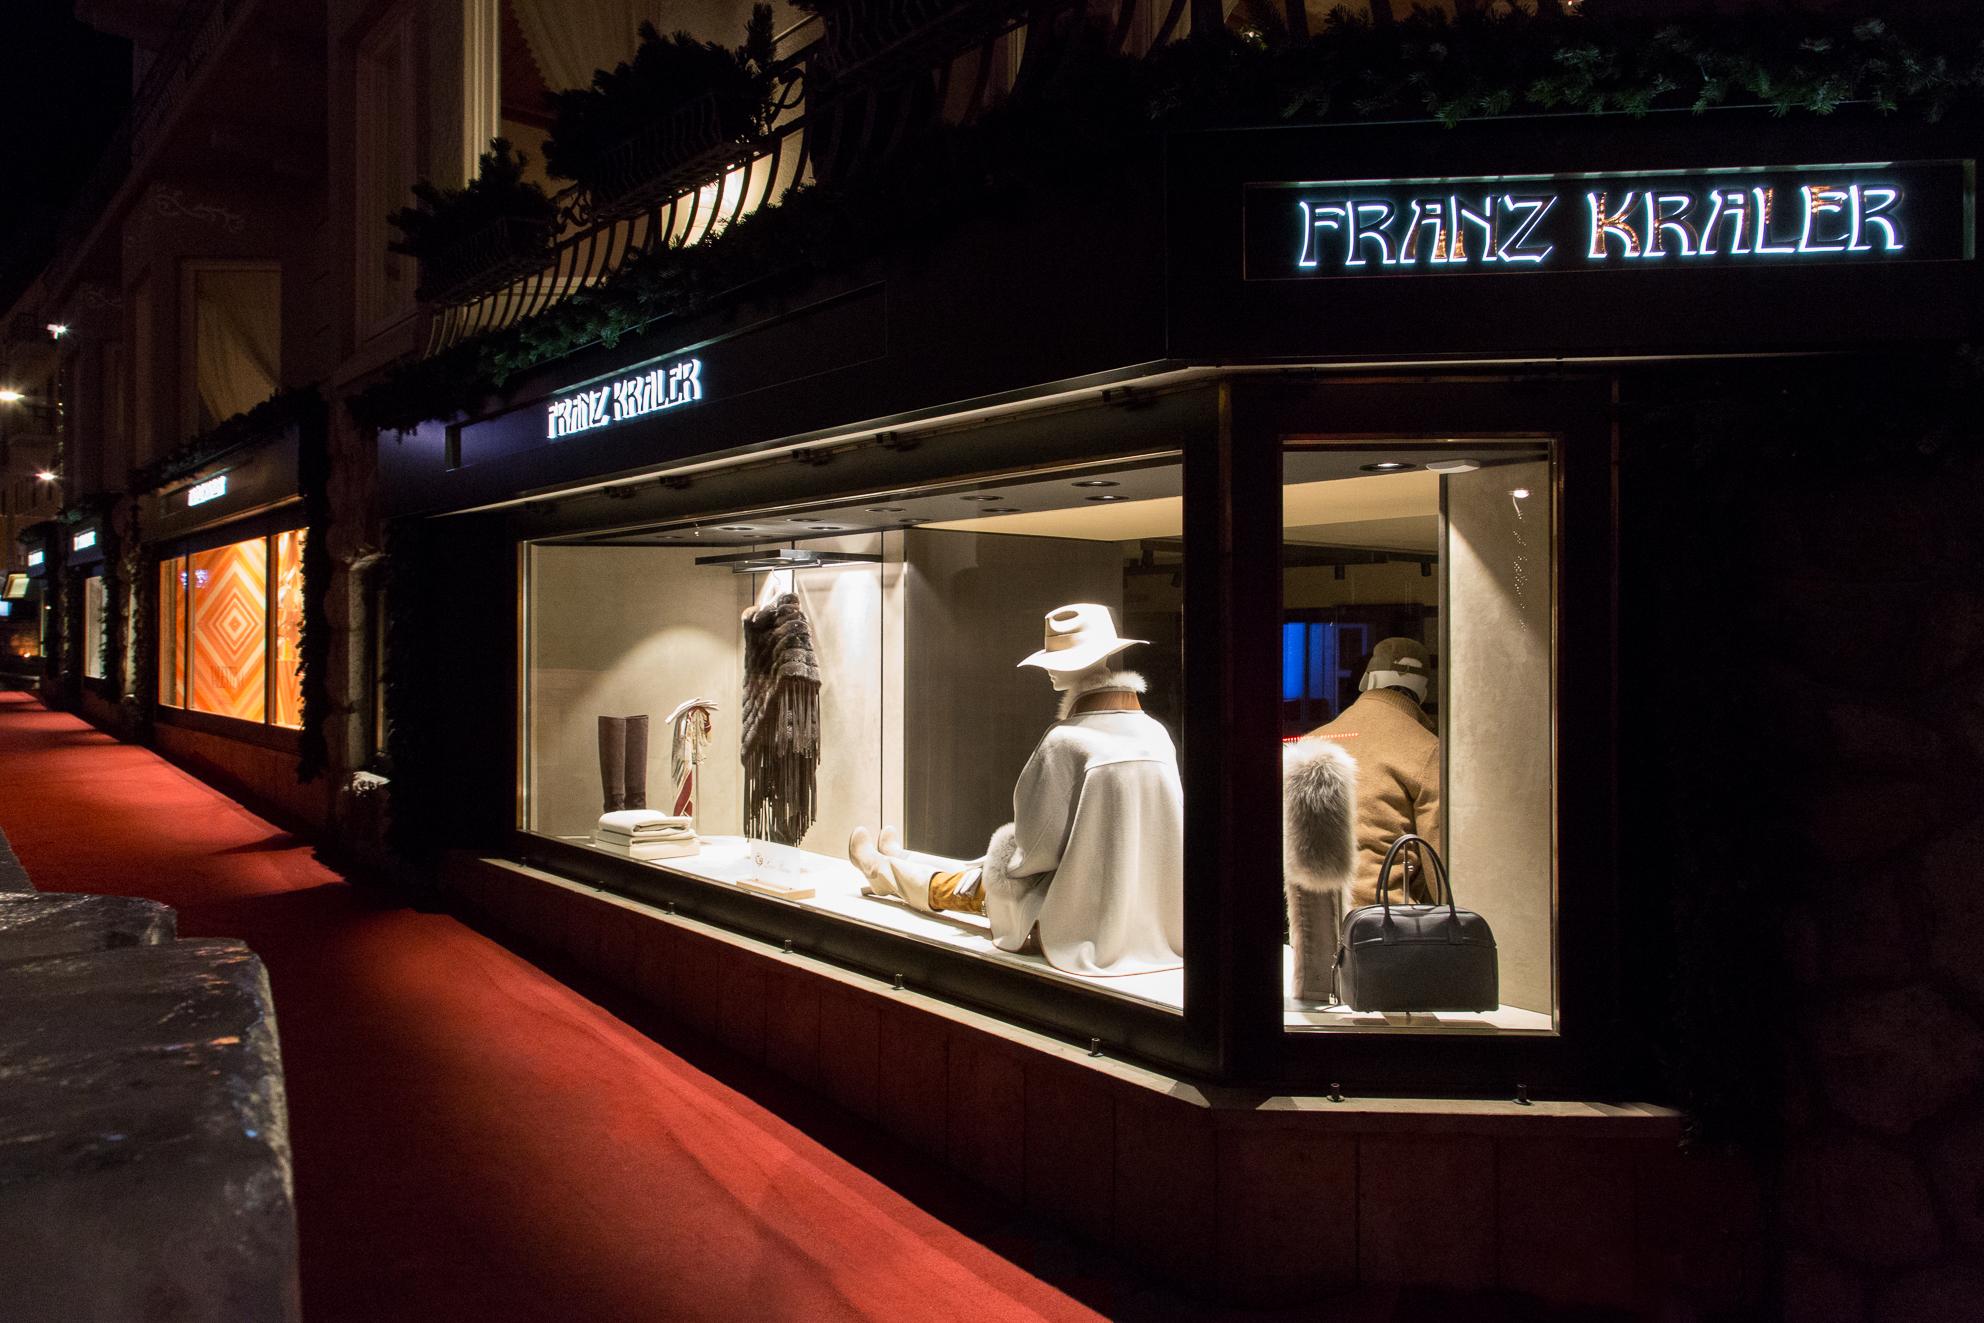 Franz Kraler's store in Cortina d'Ampezzo